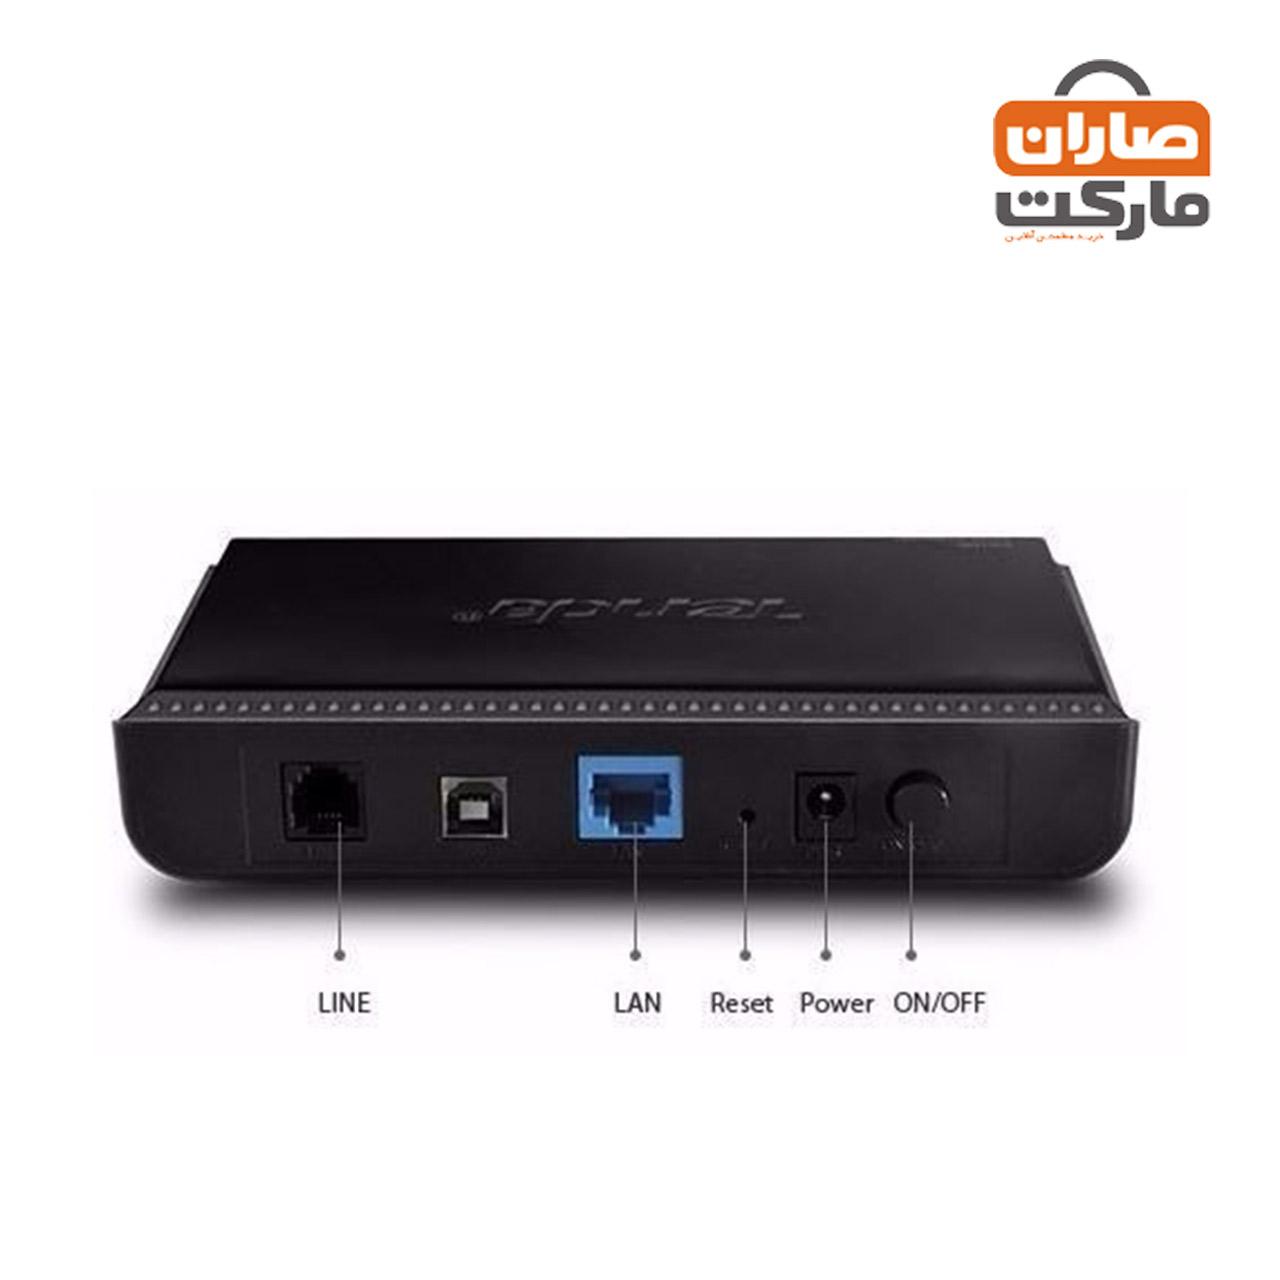 باندل مودم ADSL کابلی Tenda و روتر بیسیم Huawei